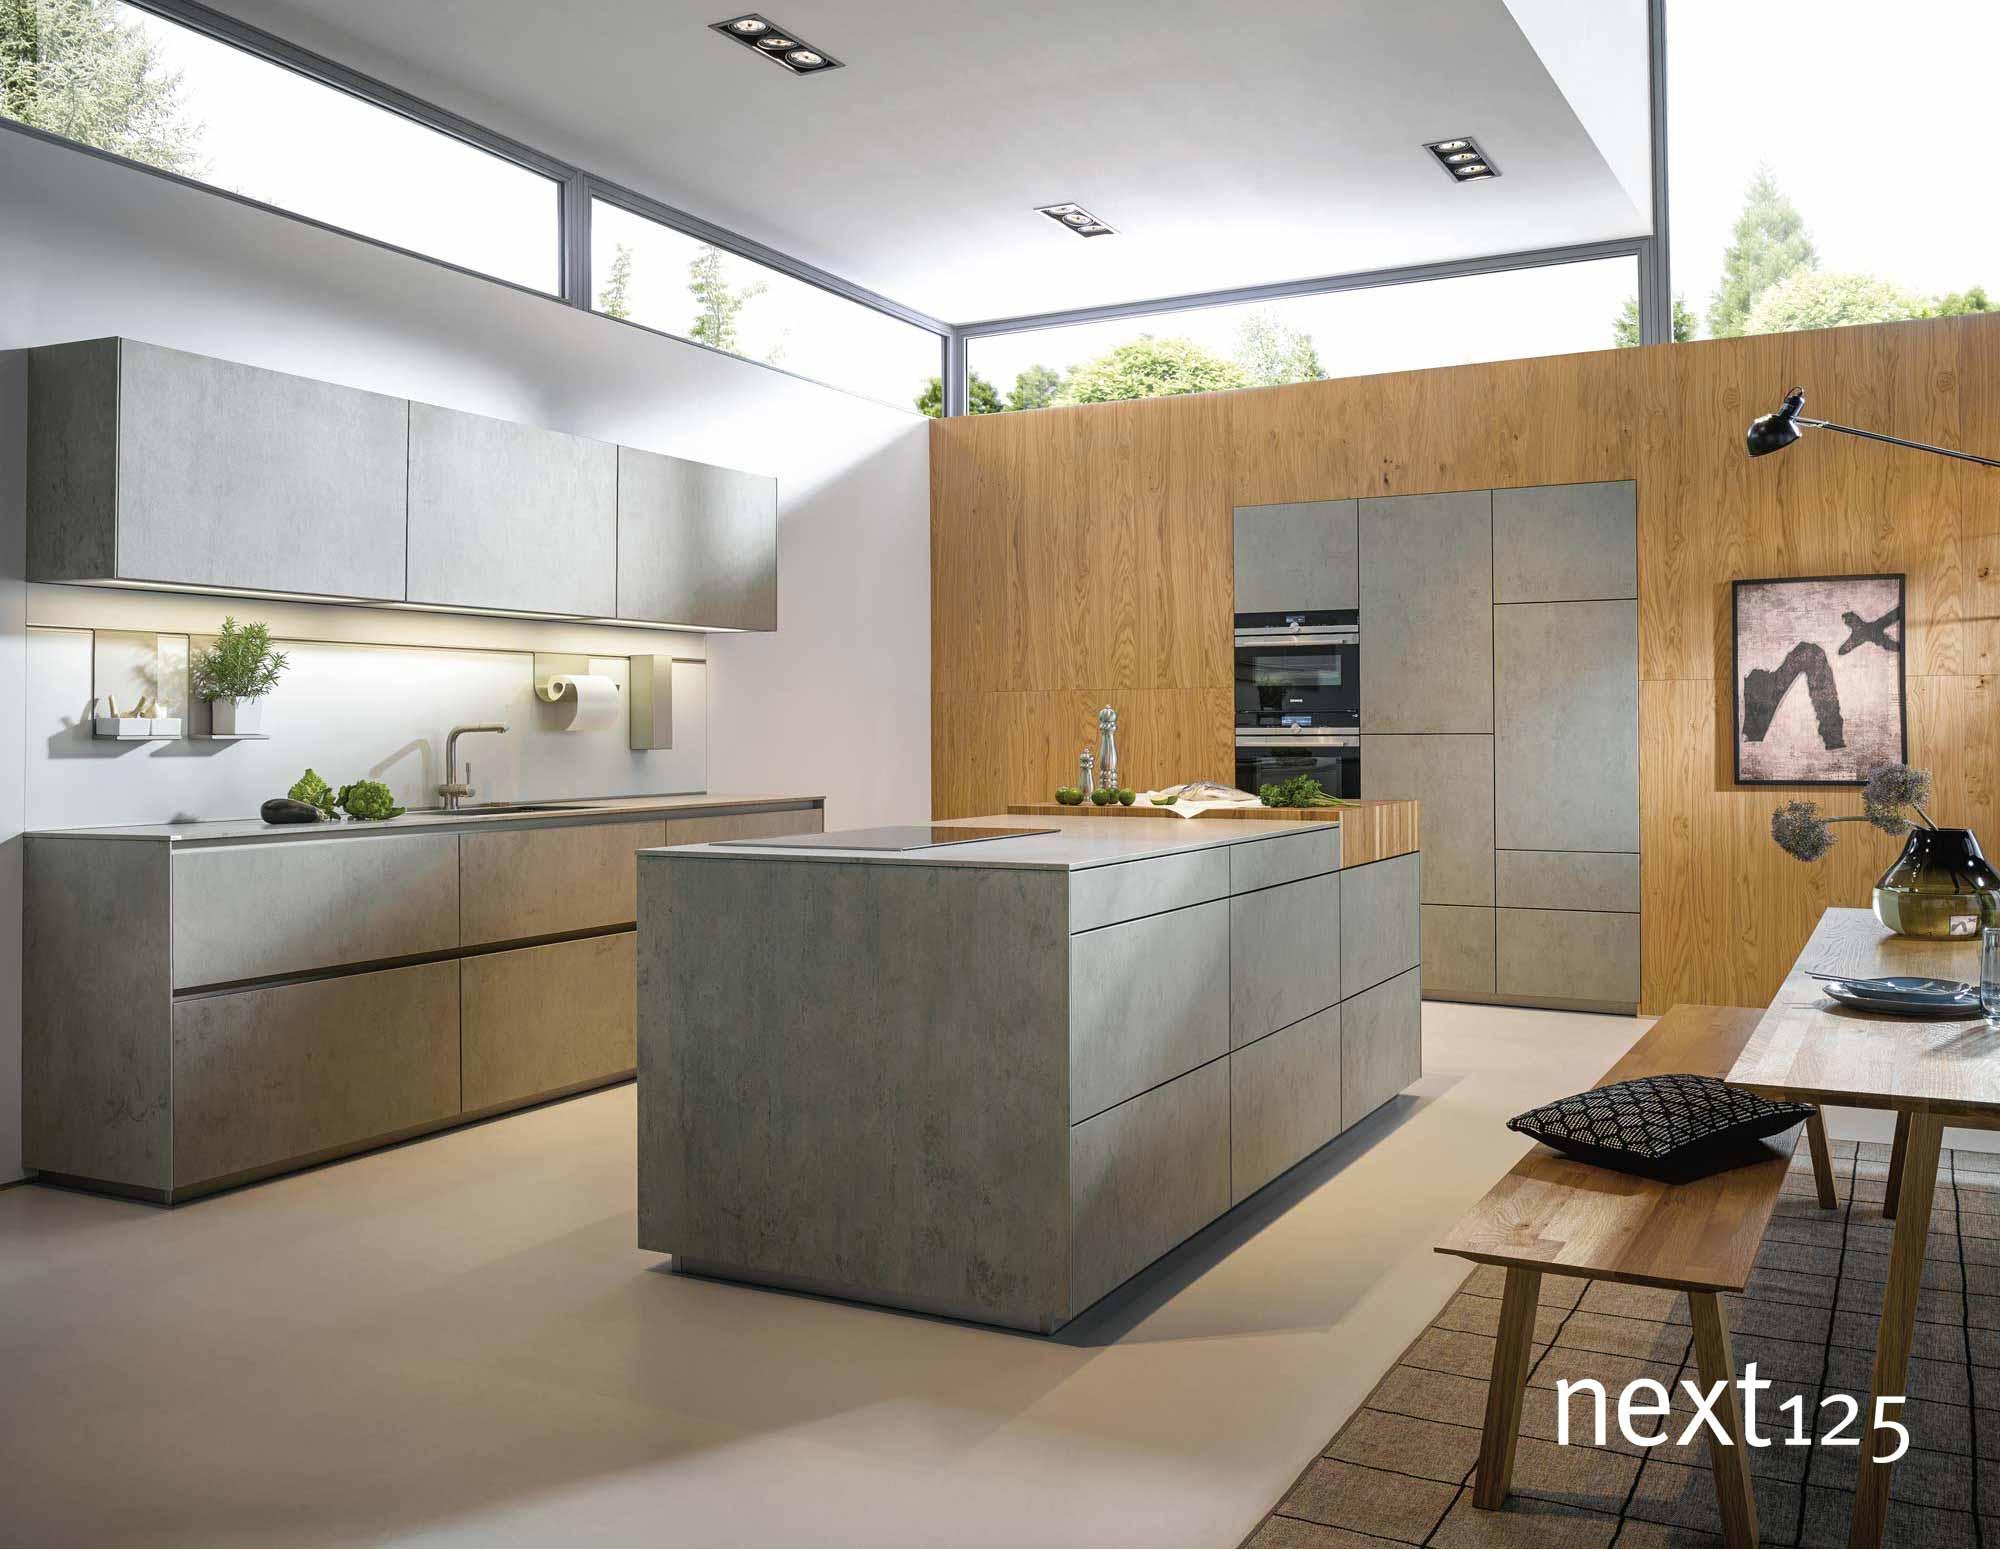 next125 Küche Keramik-Front nx950 in beton